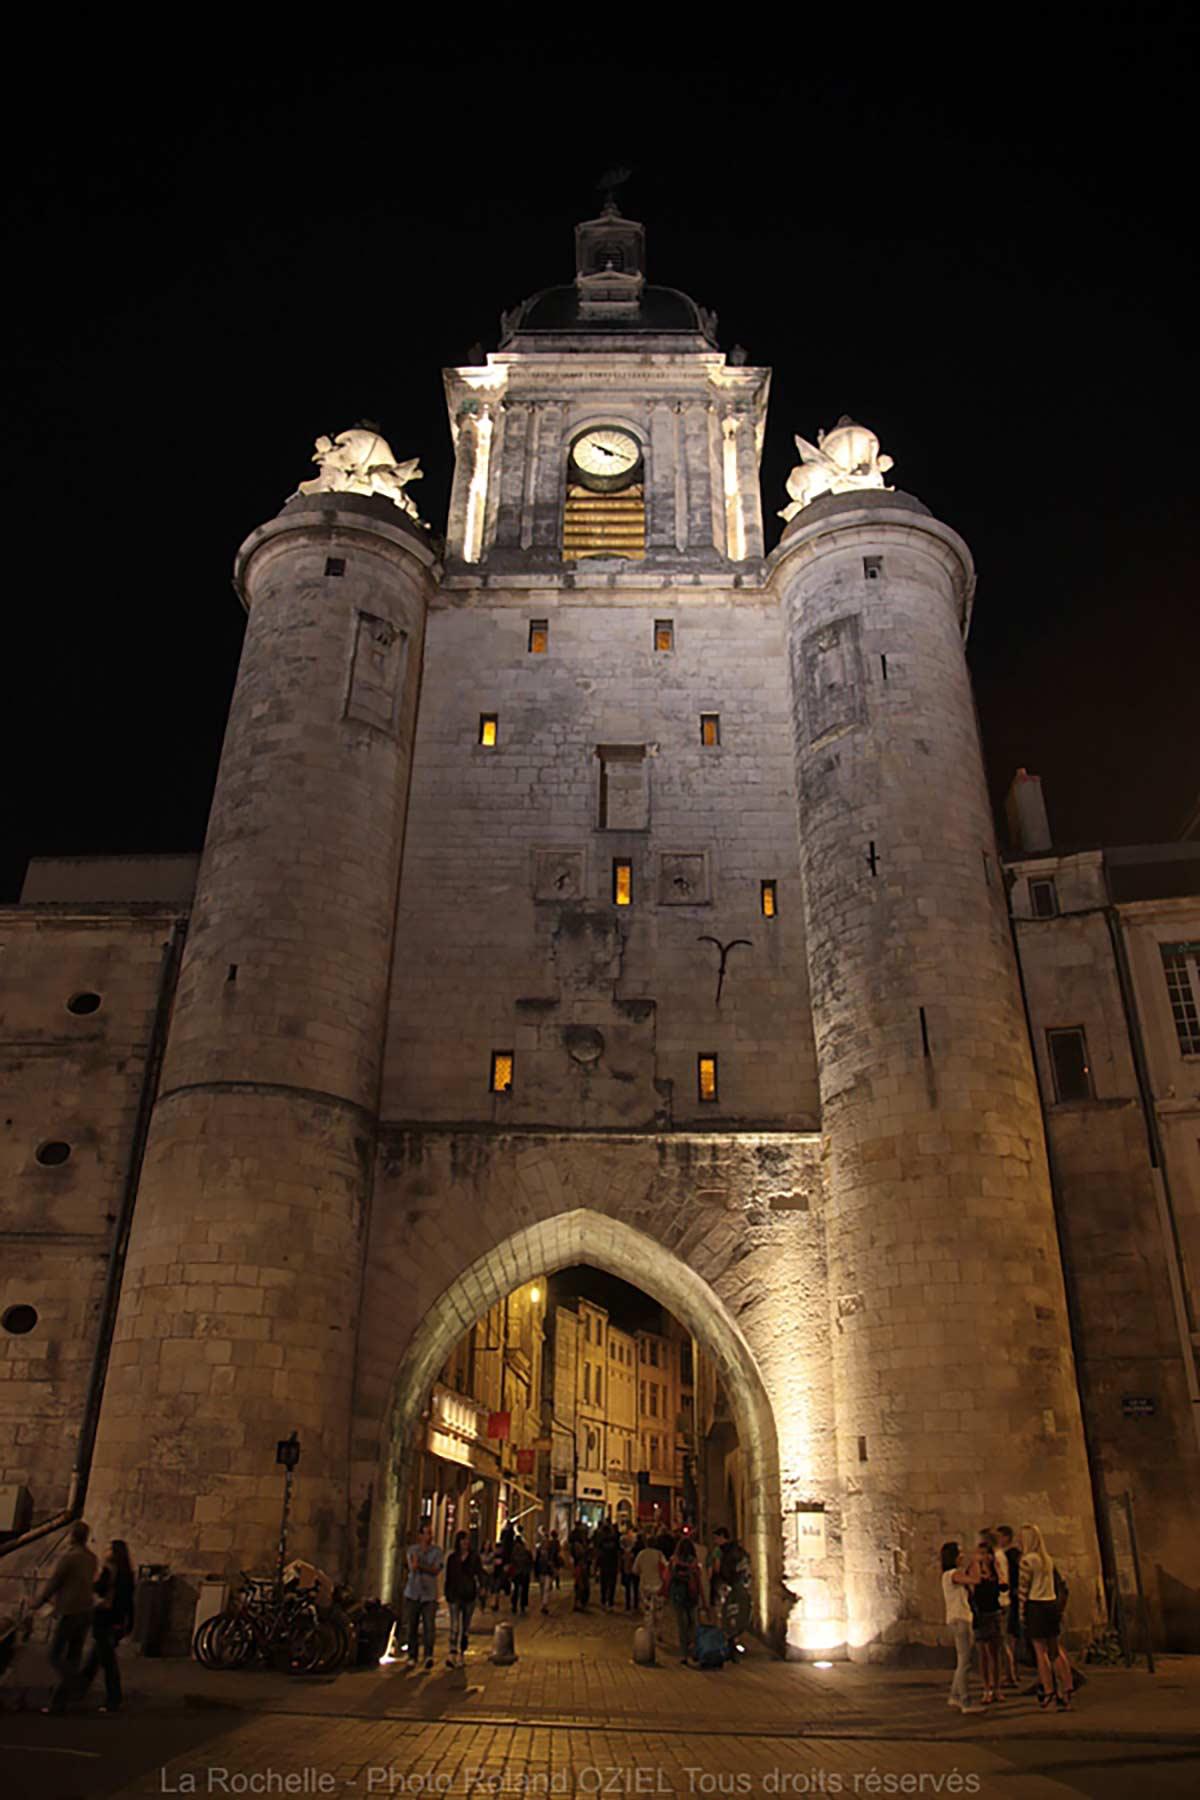 La Rochelle - la grosse tour